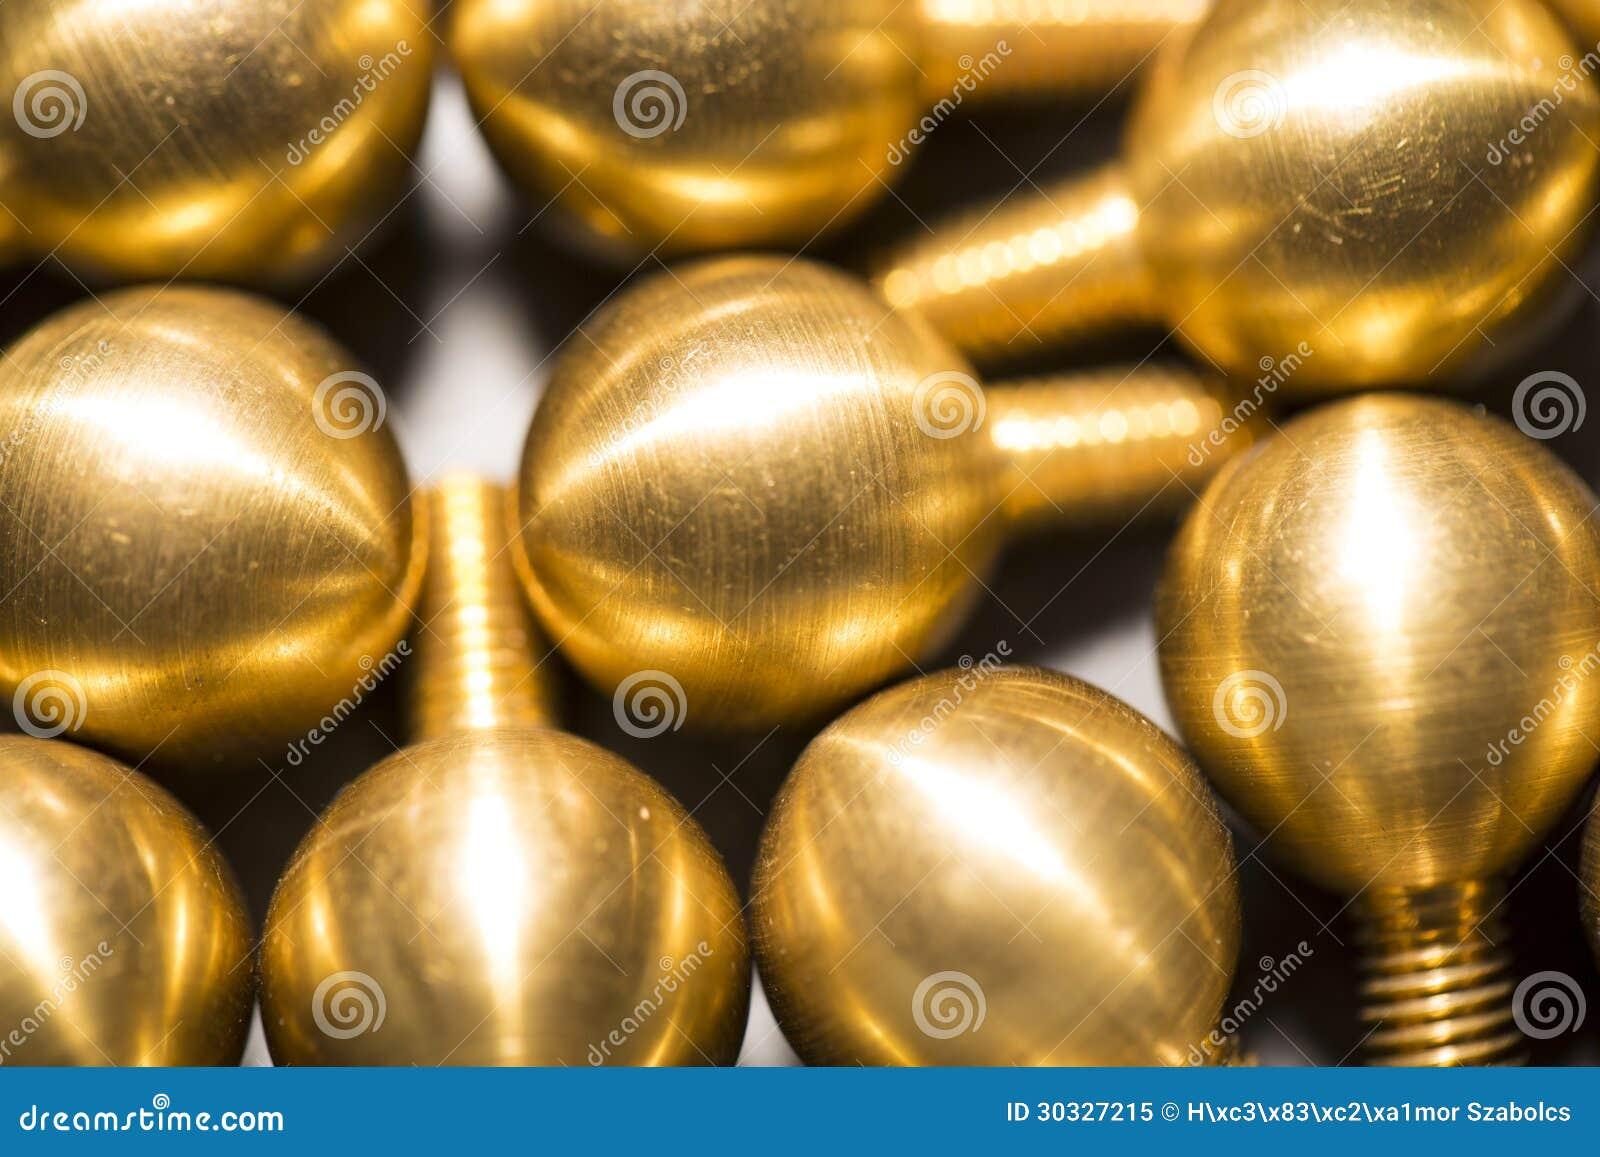 黄铜螺丝当屏幕保护者